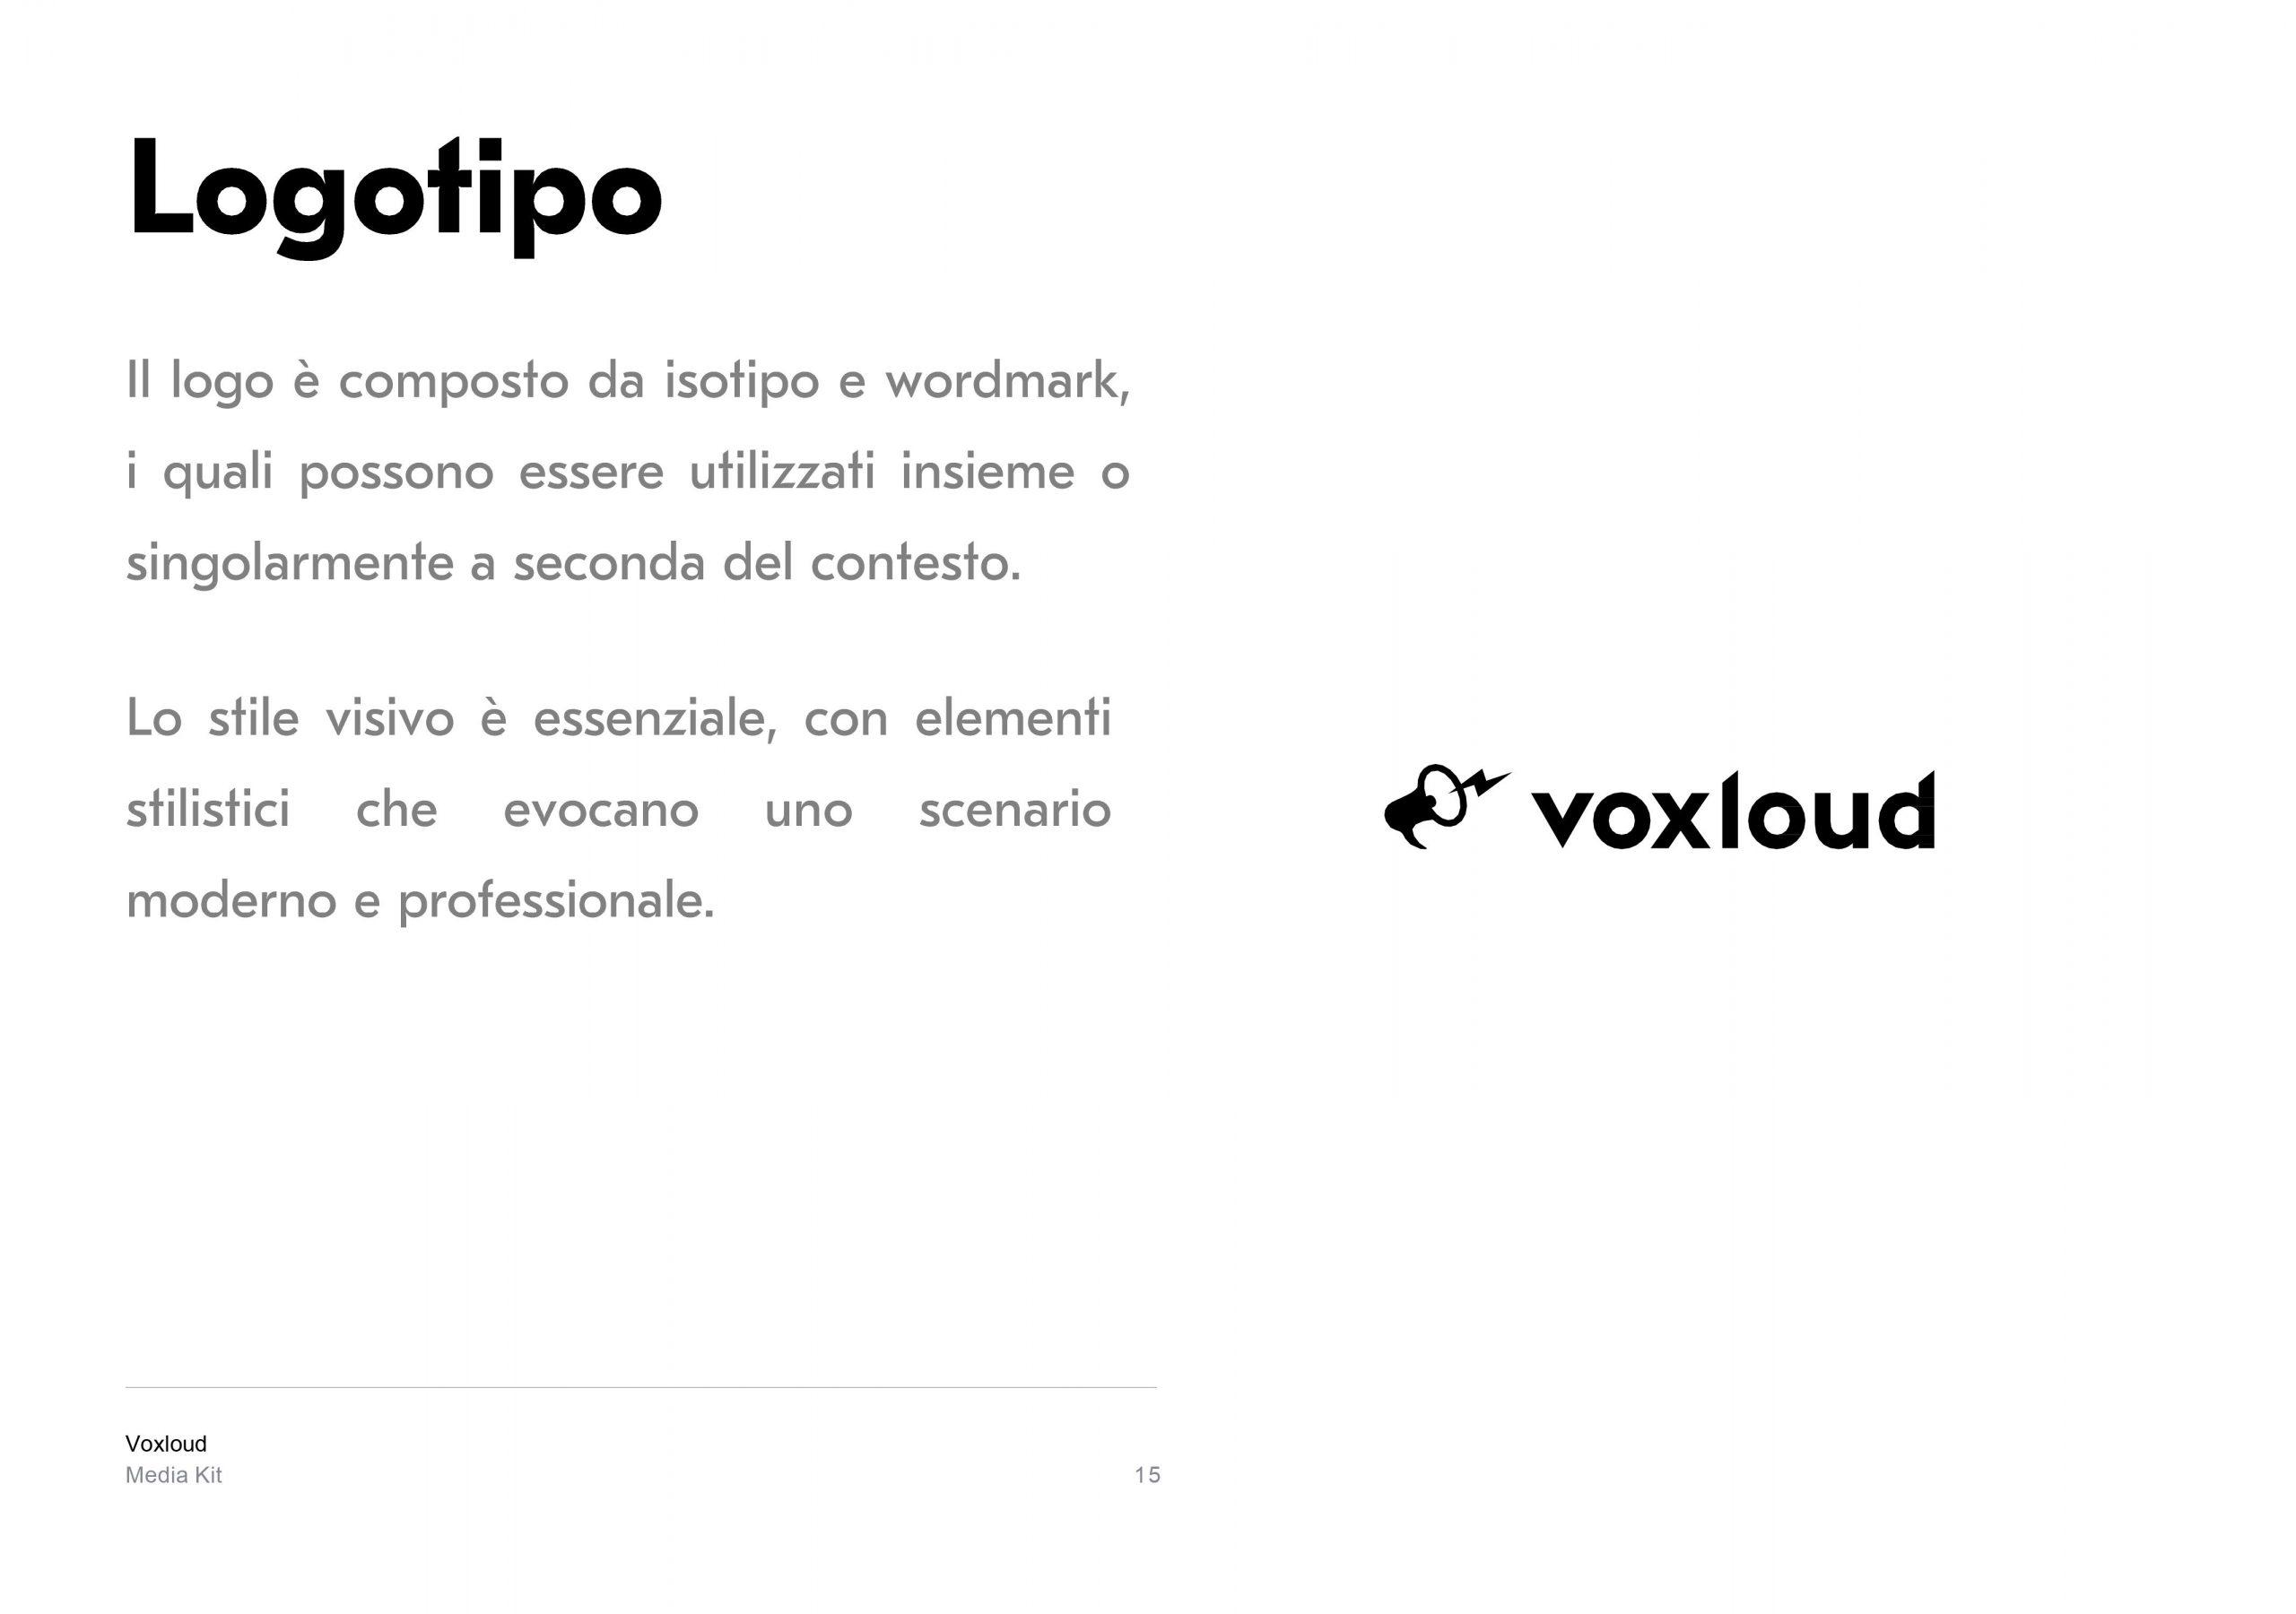 Voxloud Media Kit_IT_15